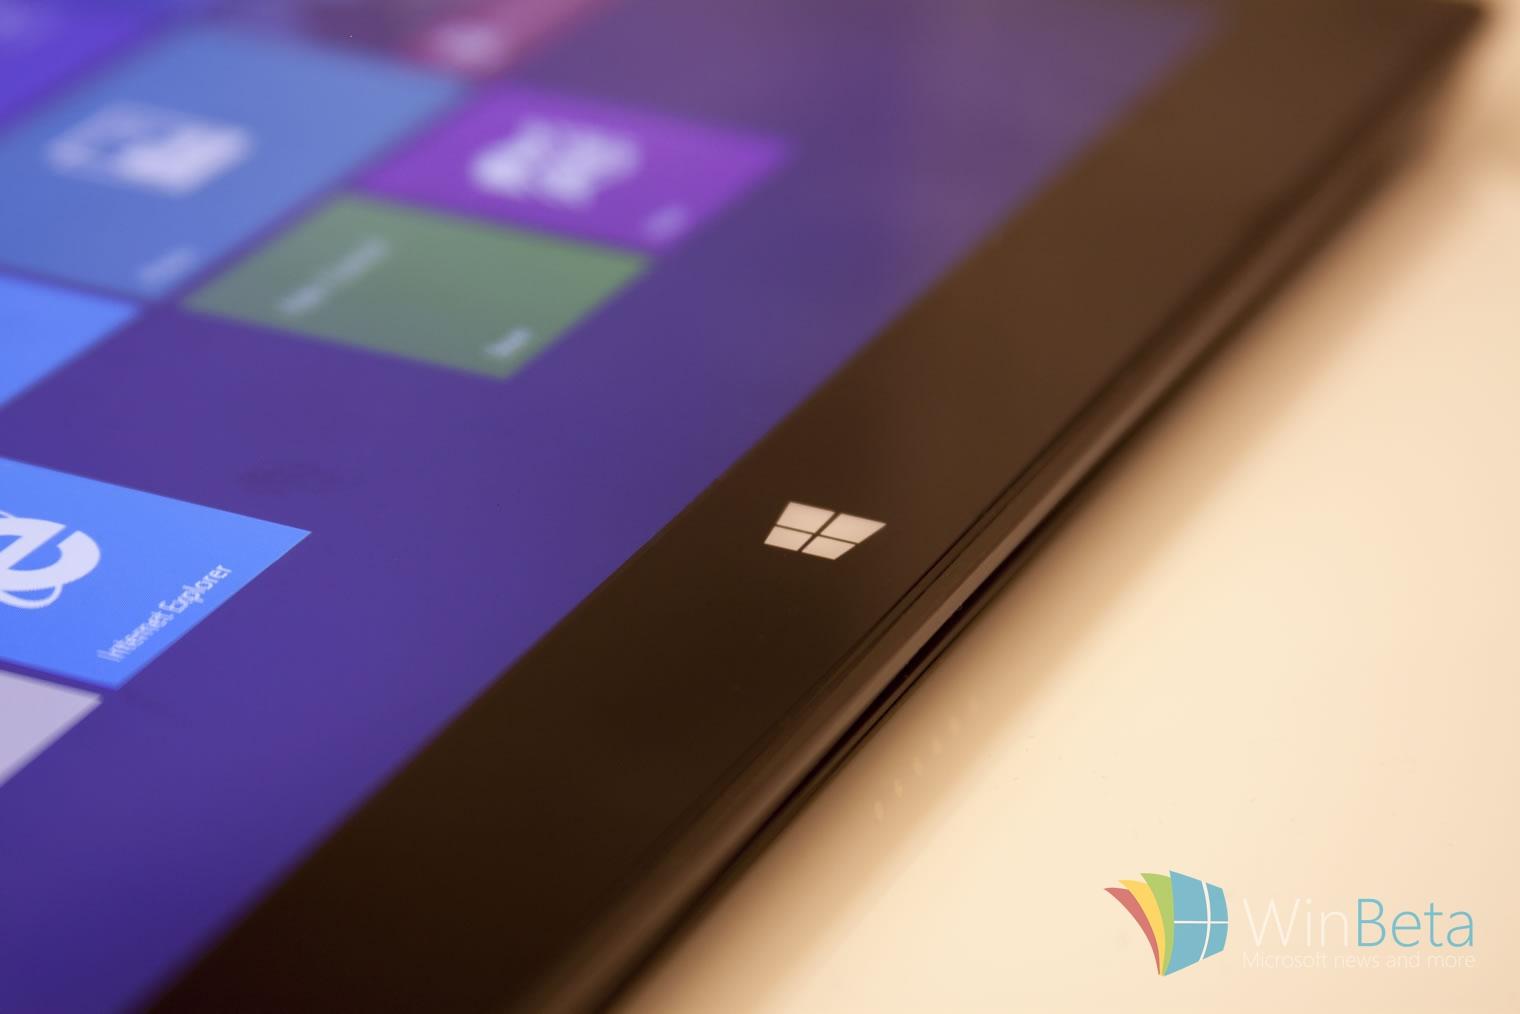 windowssurfacelogo.jpg